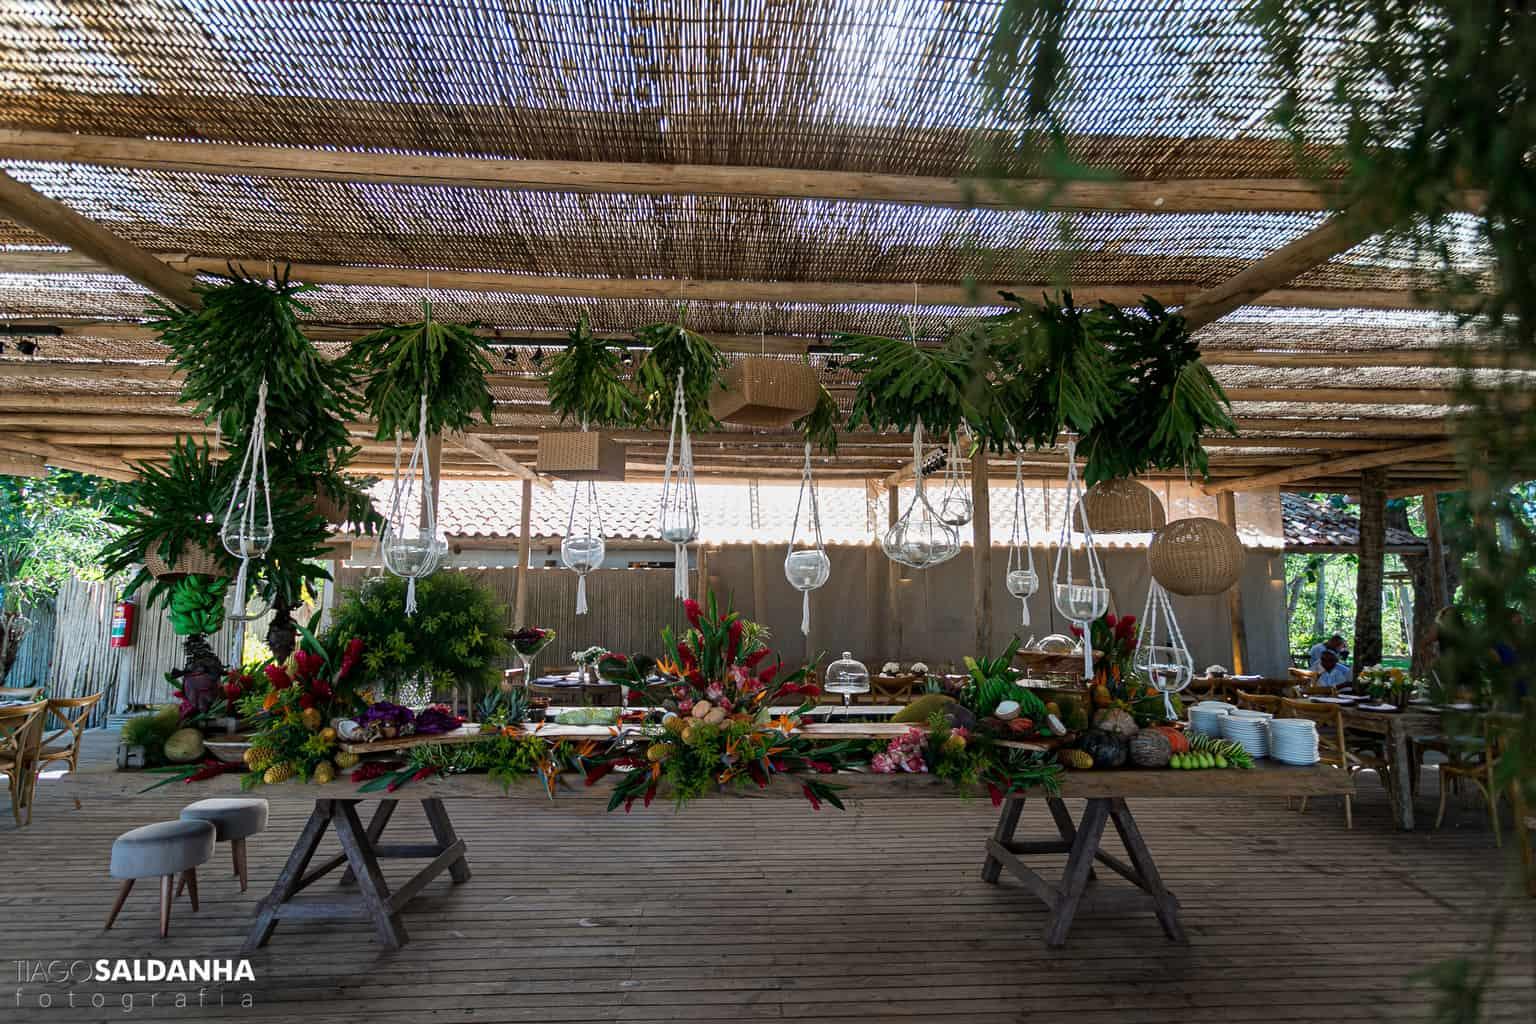 Casamento-Victoria-e-Christian-Fotografia-Tiago-Saldanha-Decoração18_MG_2194